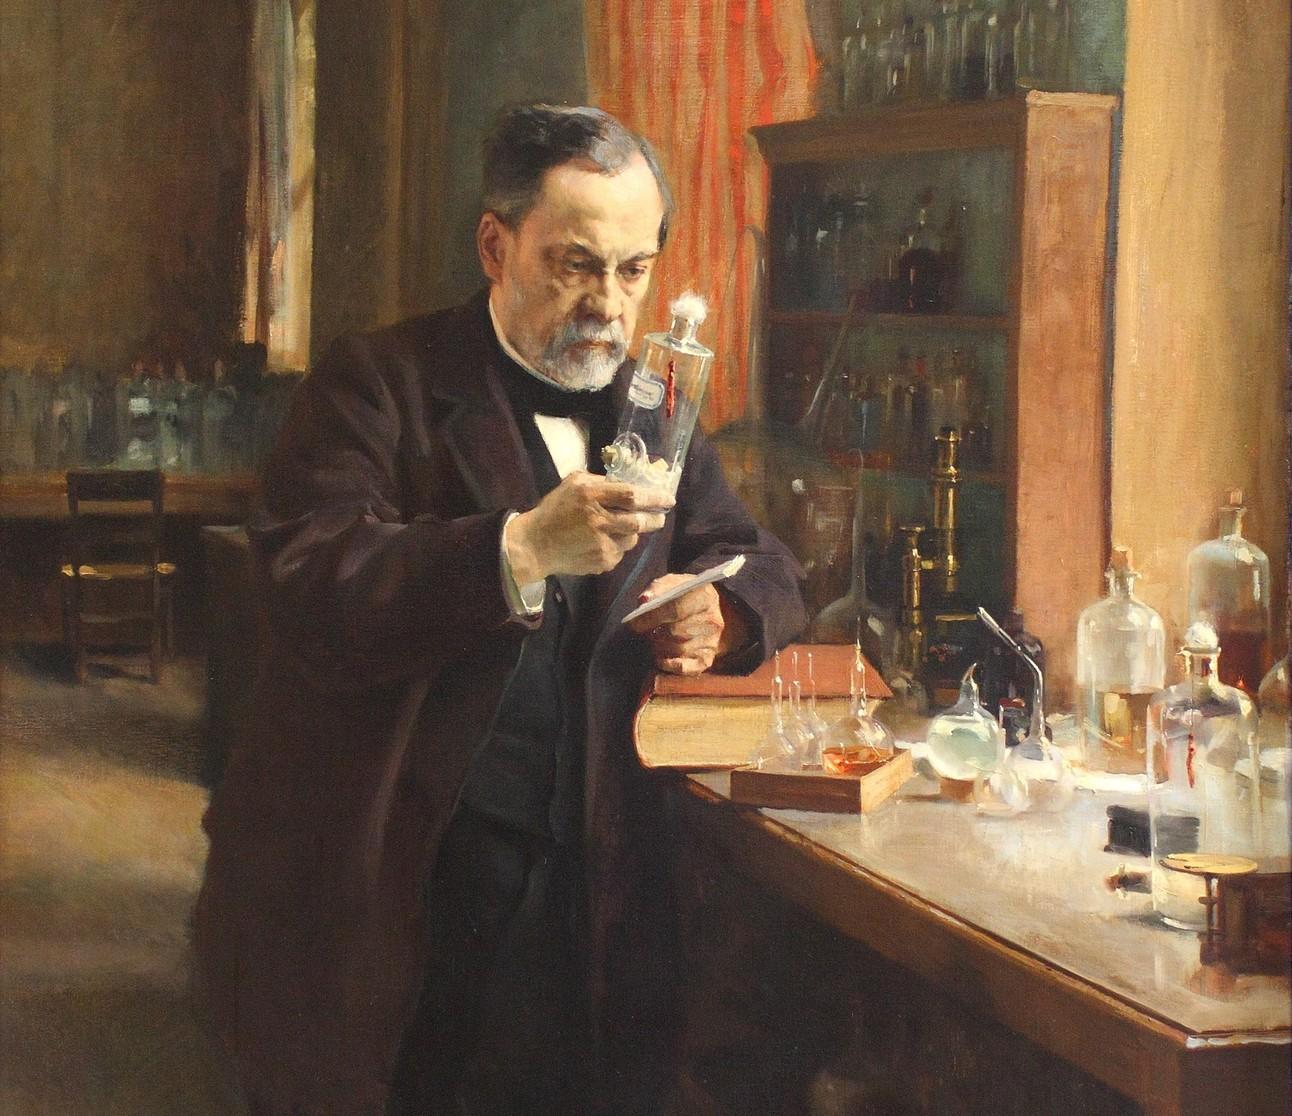 4_Pasteur_Koch.jpg